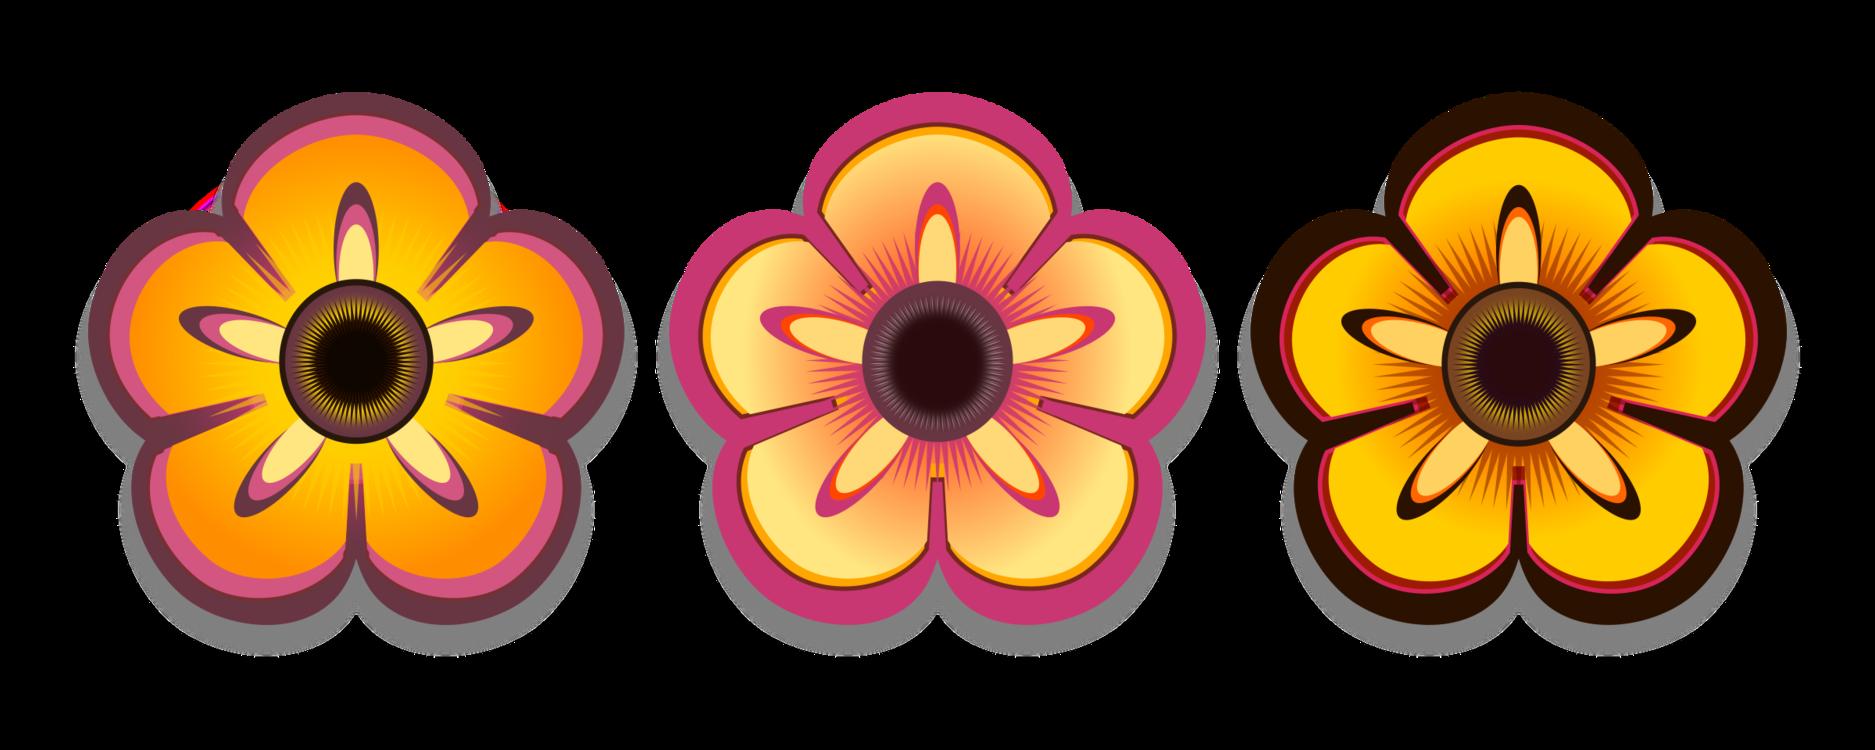 Butterfly,Flower,Petal